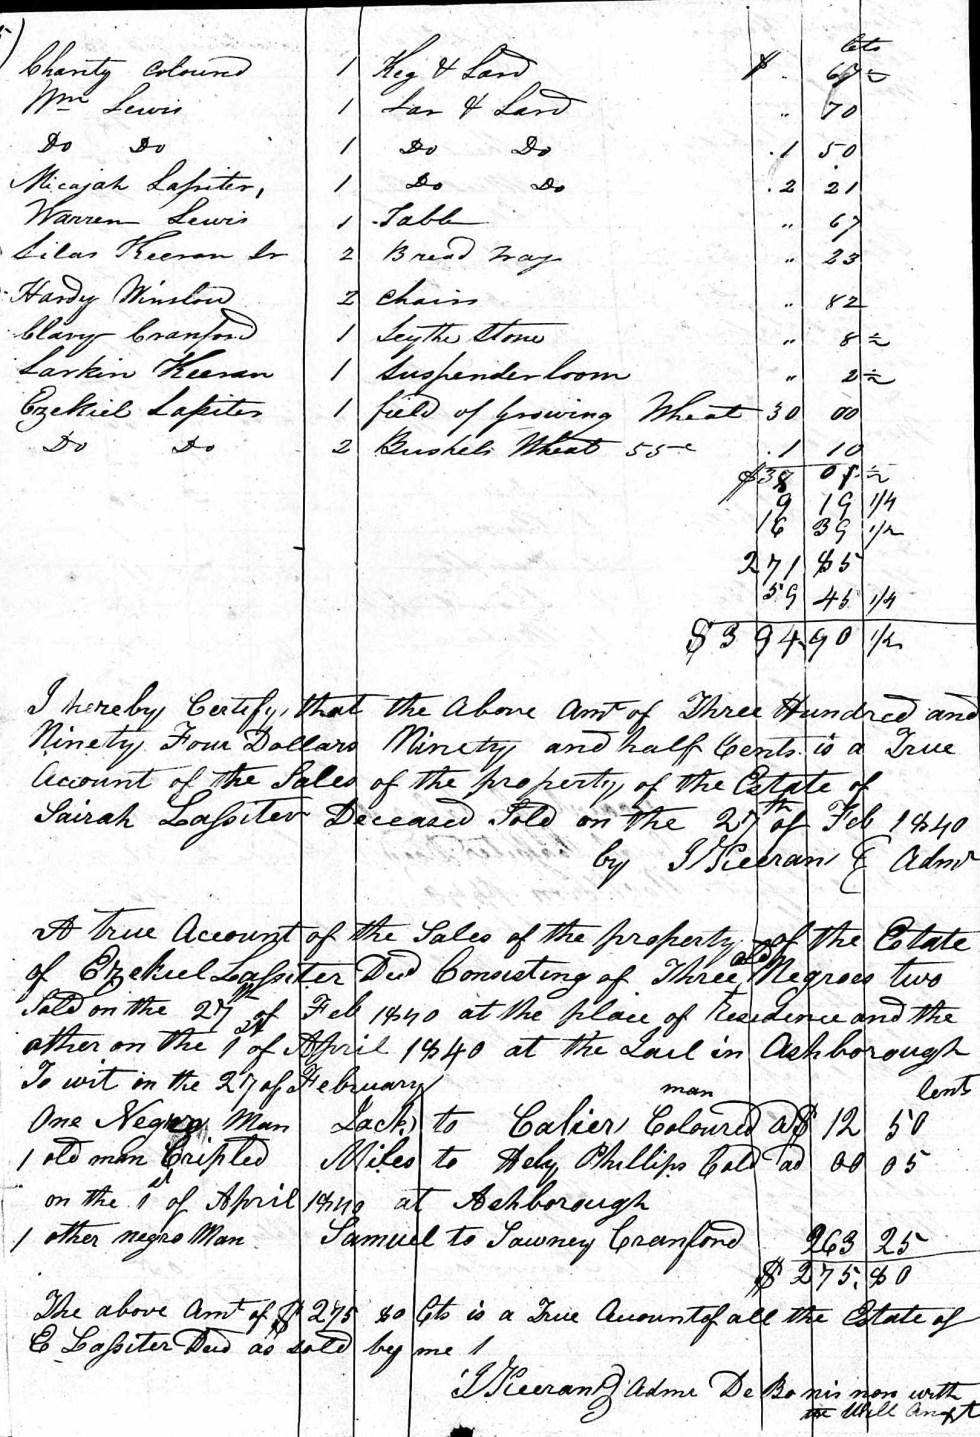 Sale of Miles from Estate of Ezekiel Lassiter